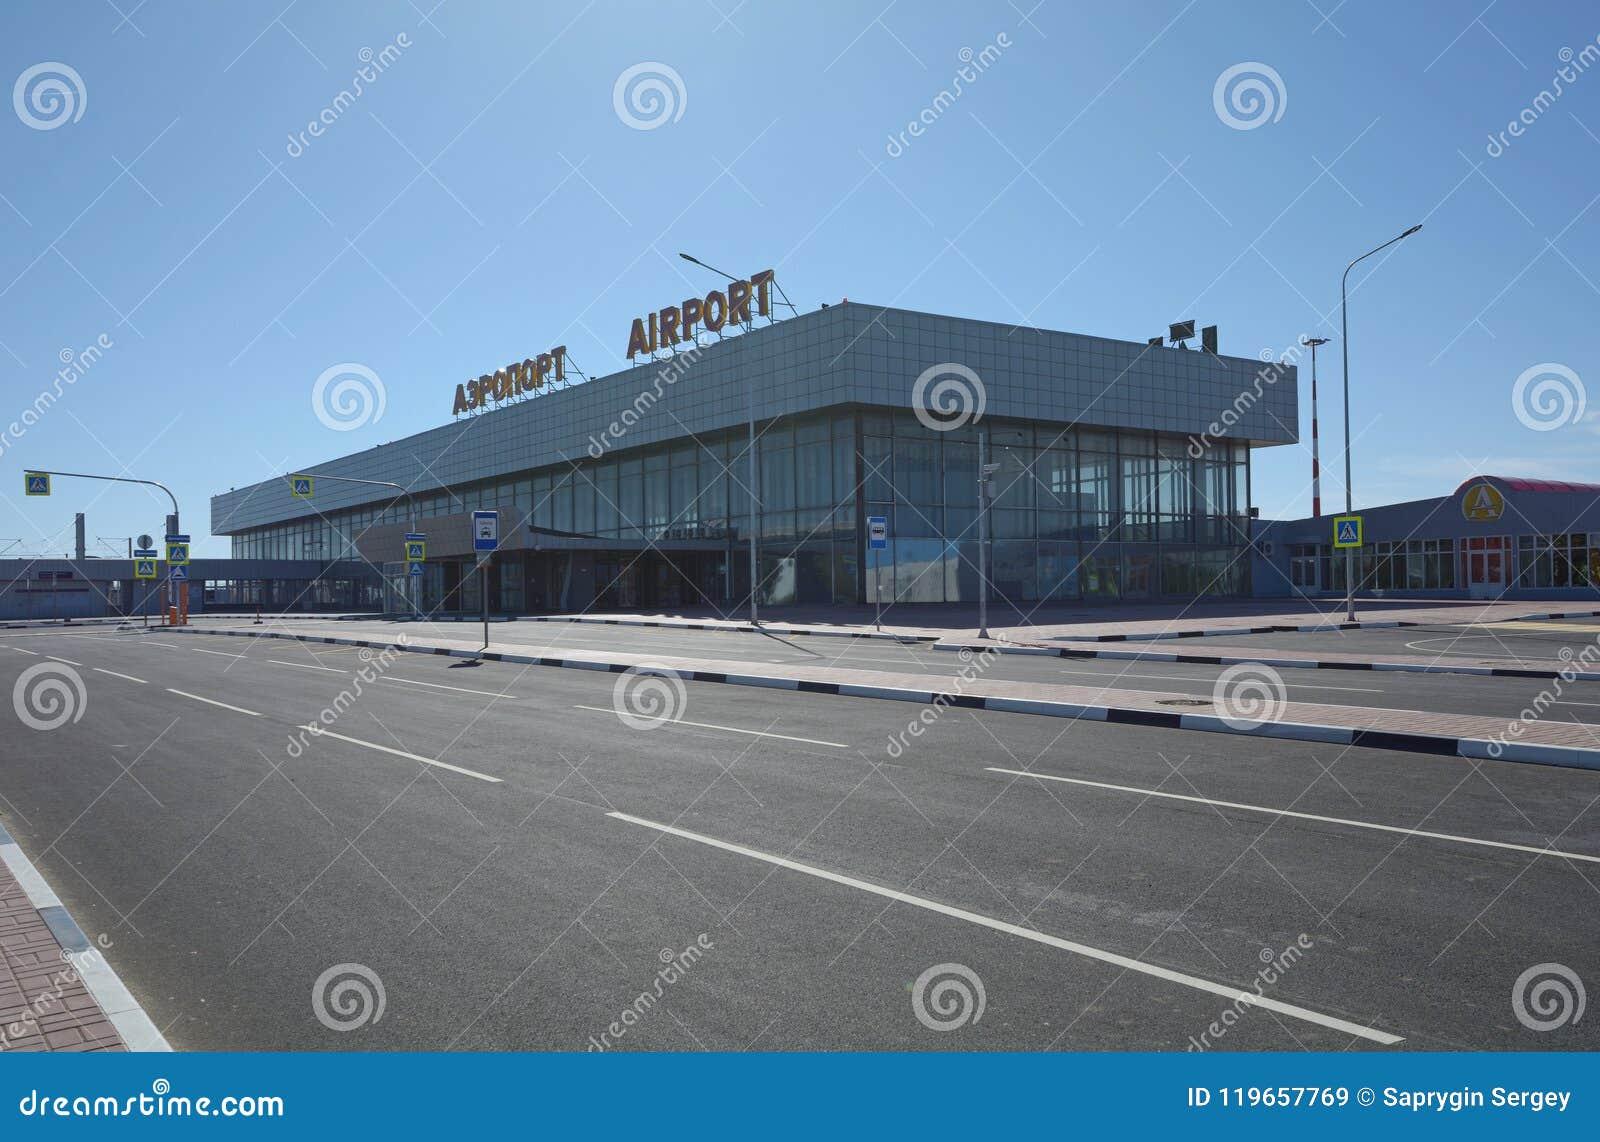 伏尔加格勒,俄罗斯- 2018年5月28日:Gumrak国际机场